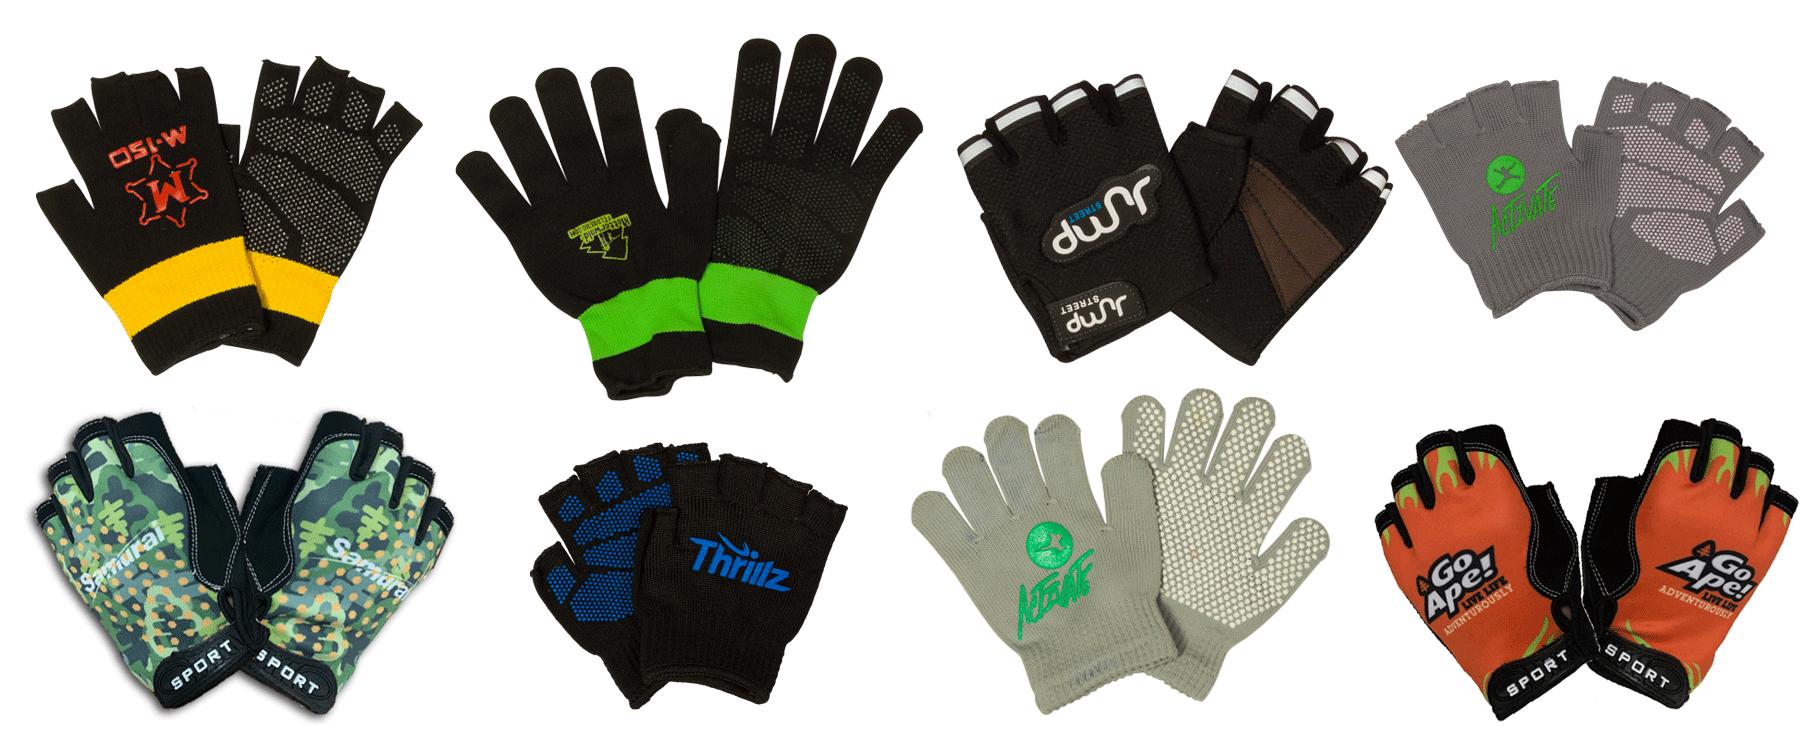 Ninja Park Grip Gloves for Parkour